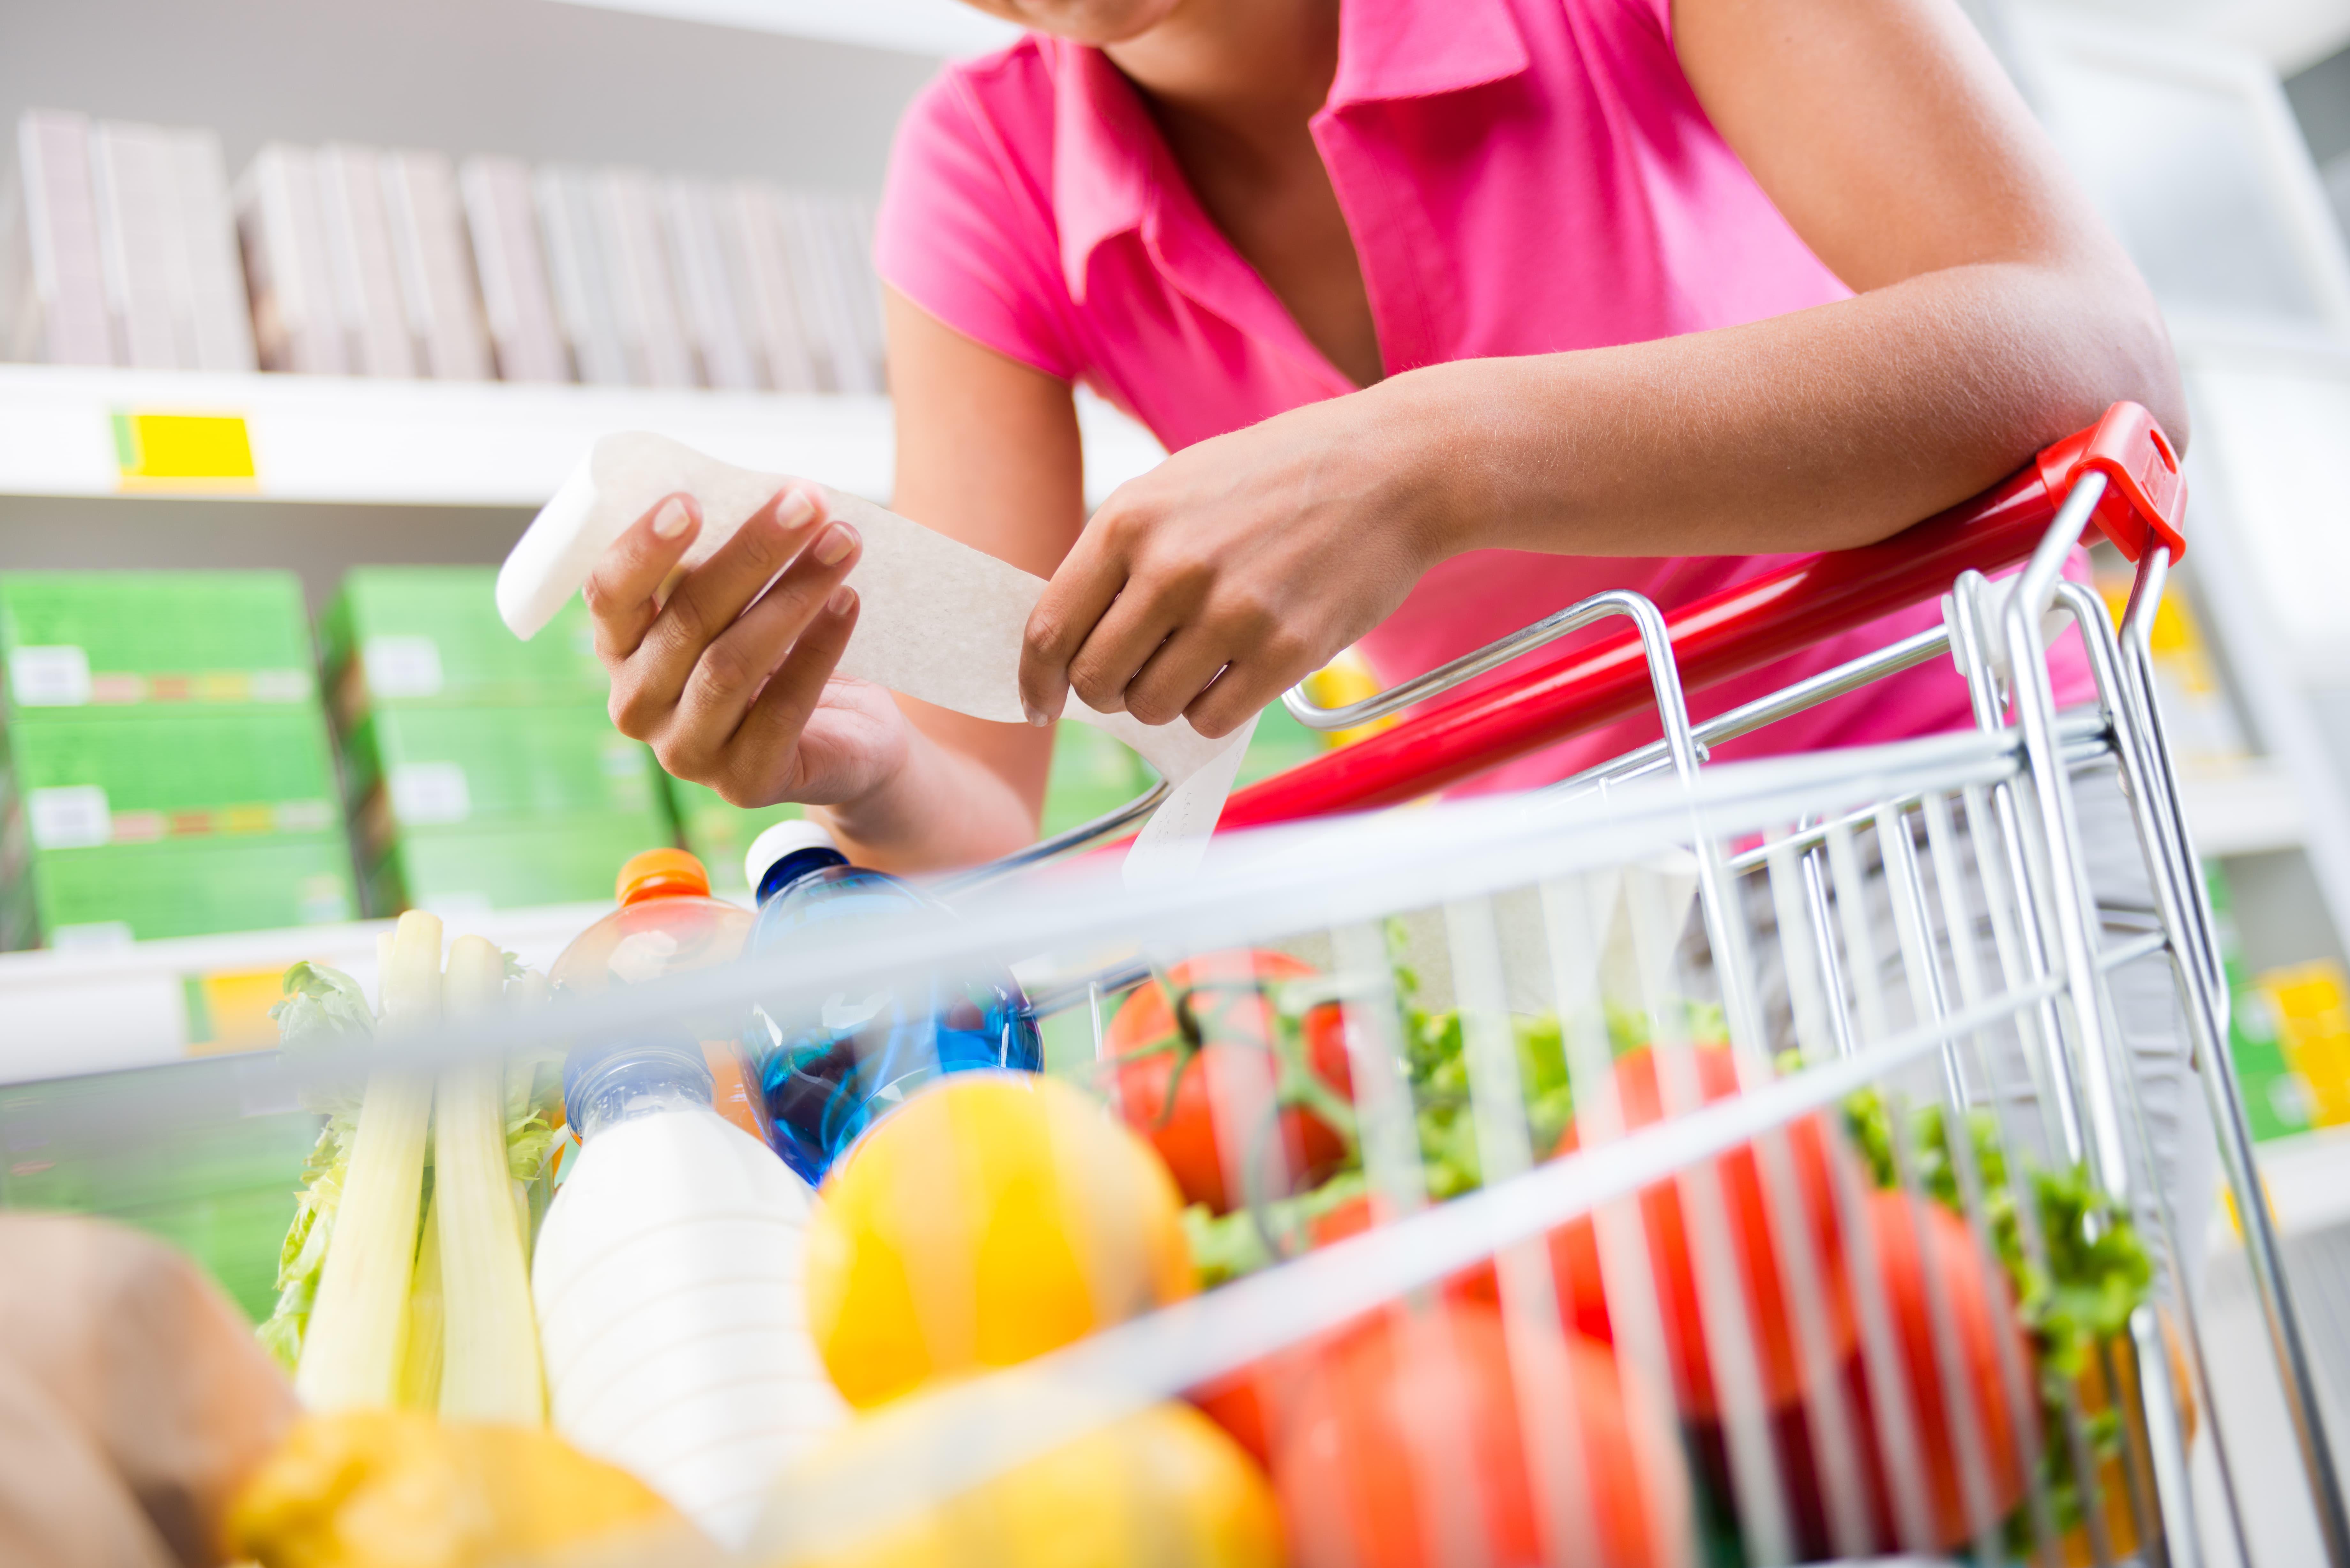 #CONFÉRENCE: Comprendre ce que nous mangeons: ami ou ennemi ? 7